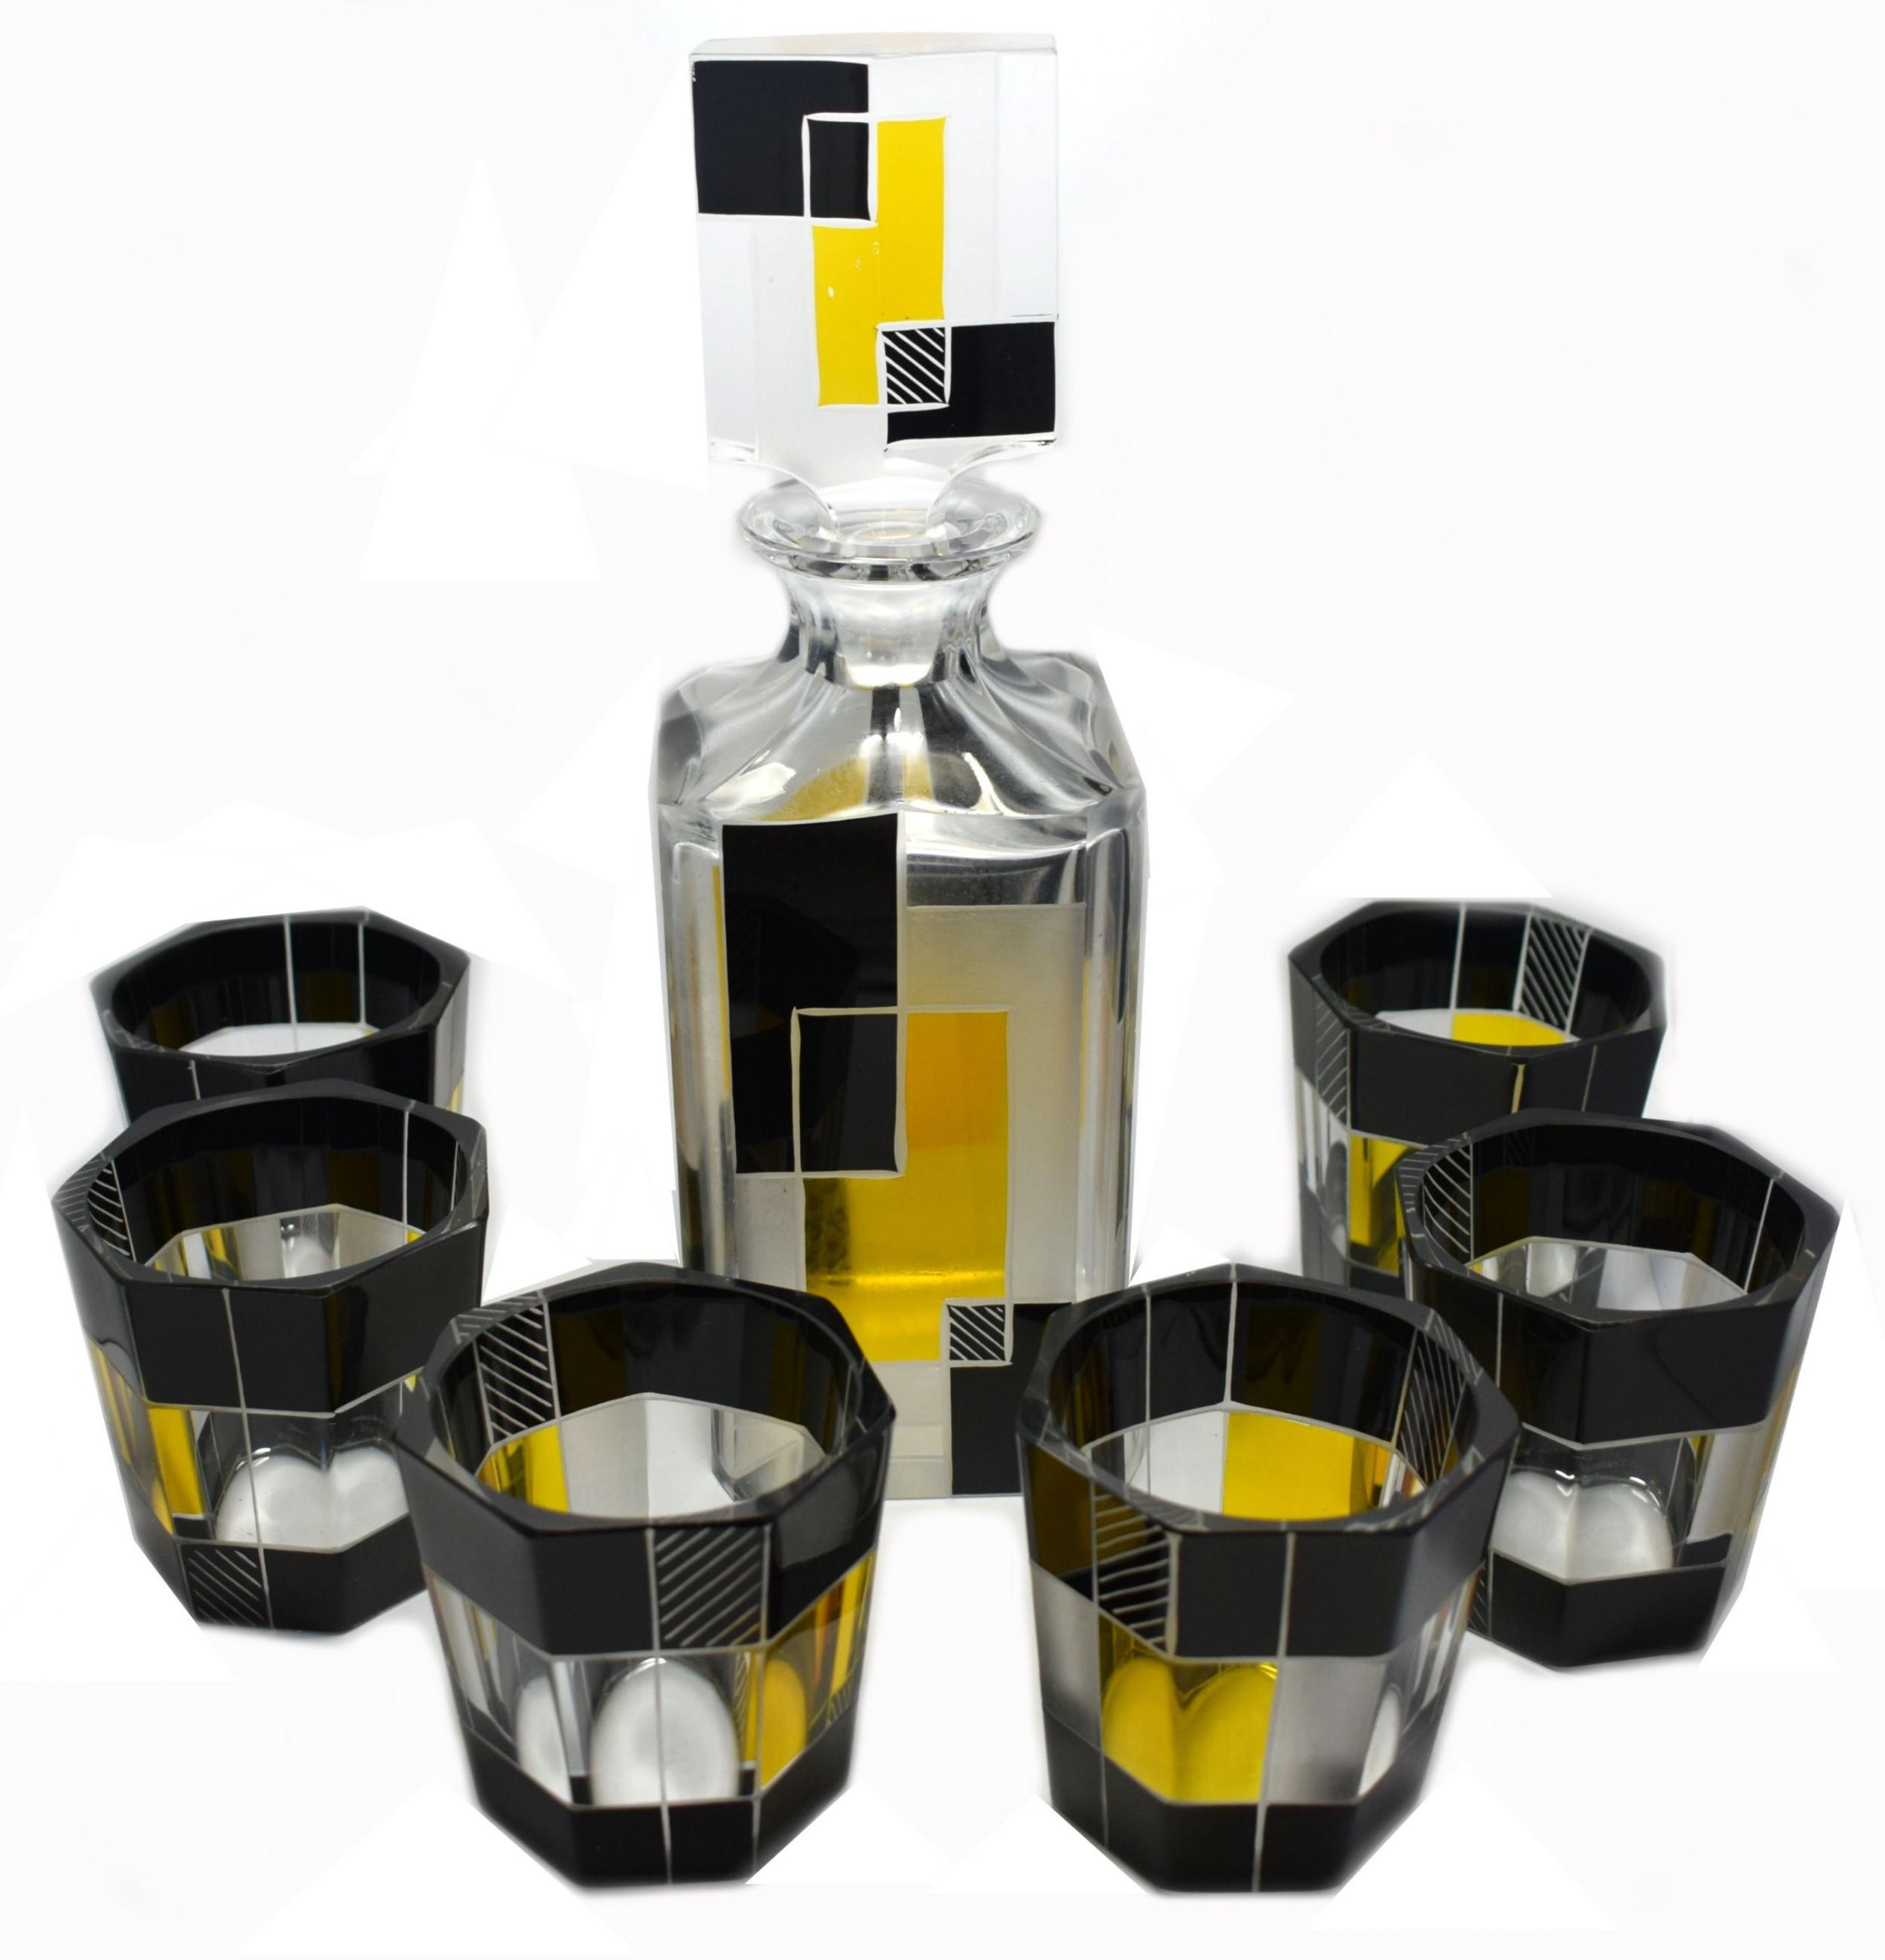 art deco czech glass whisky decanter set